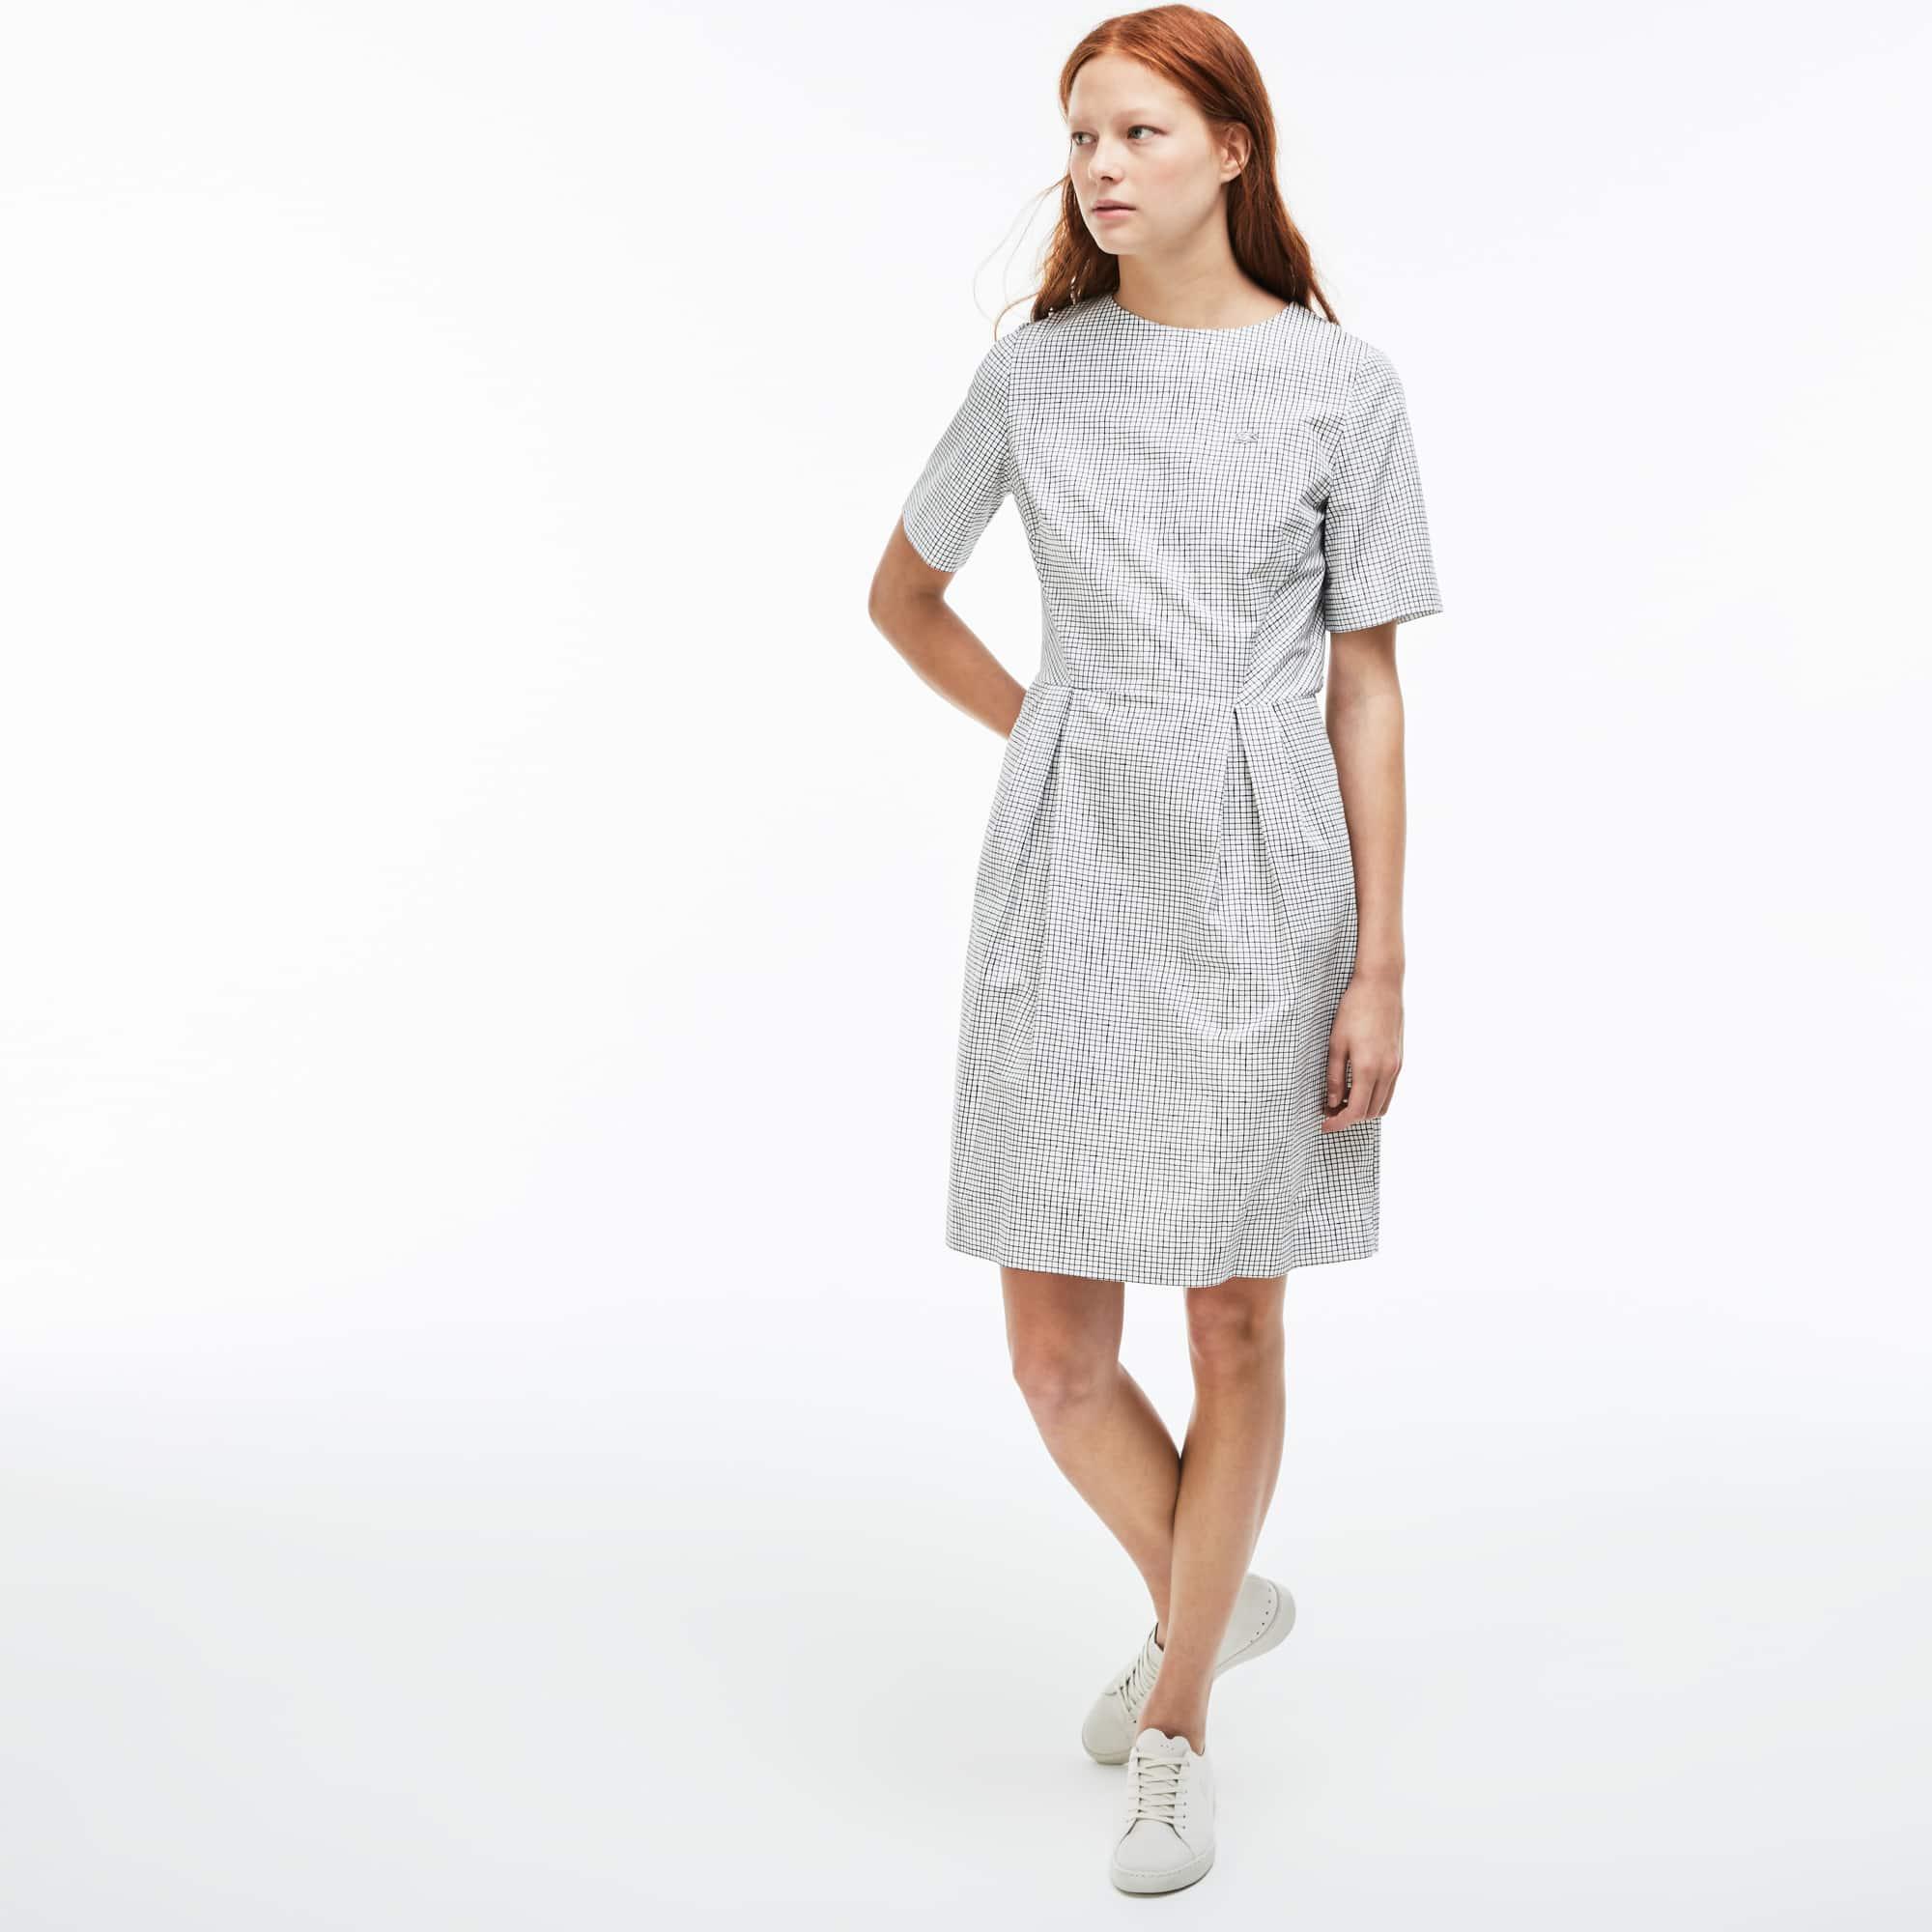 Damen-Plisseekleid in A-Linie aus Popeline LACOSTE L!VE